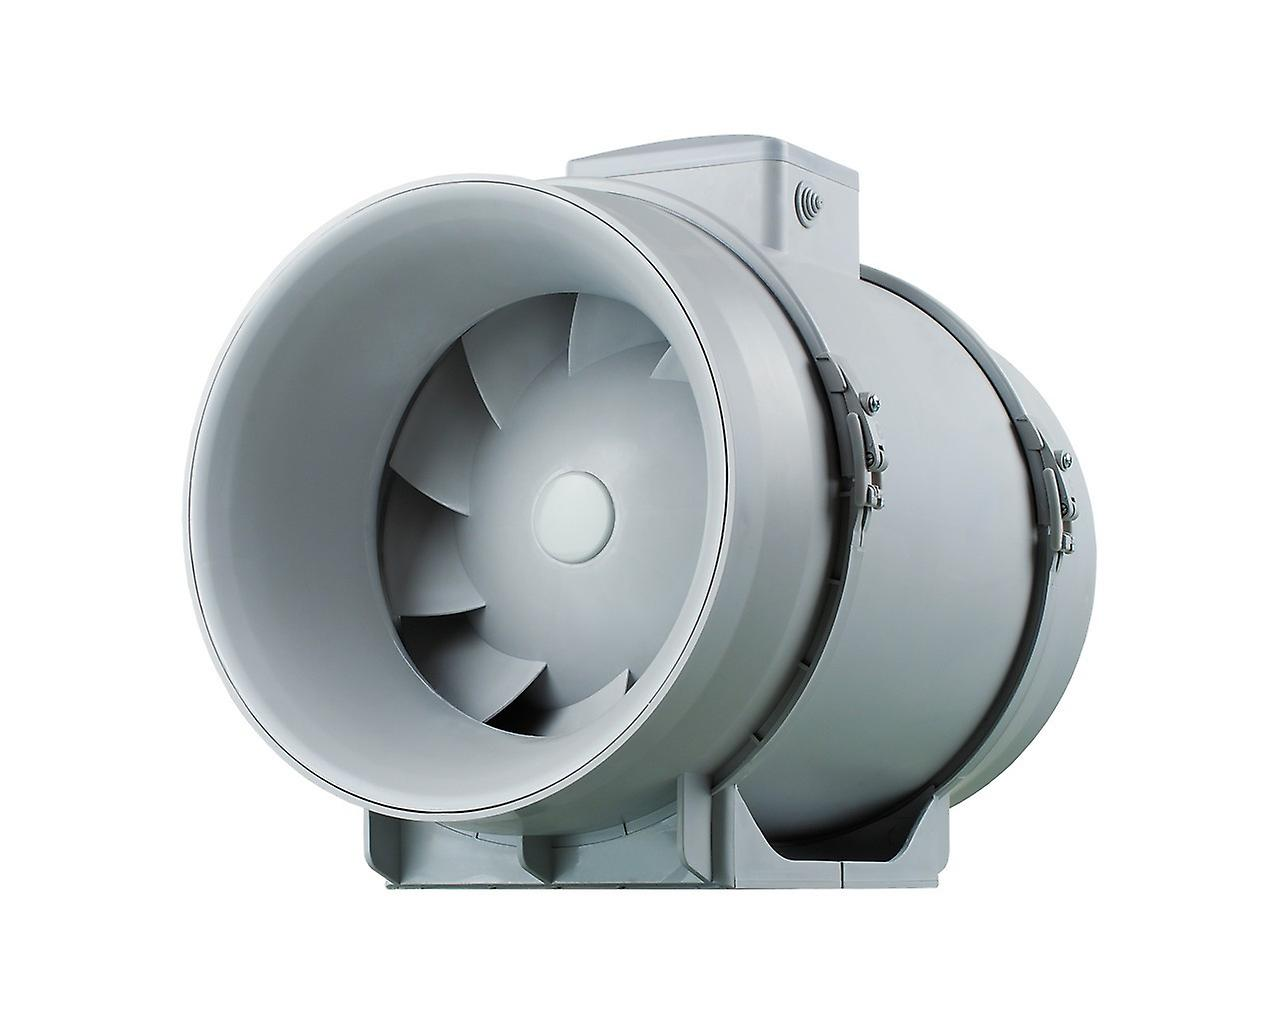 Ventilationskanaler blandet flow inline fan kanal fan TT Pro 150 serie